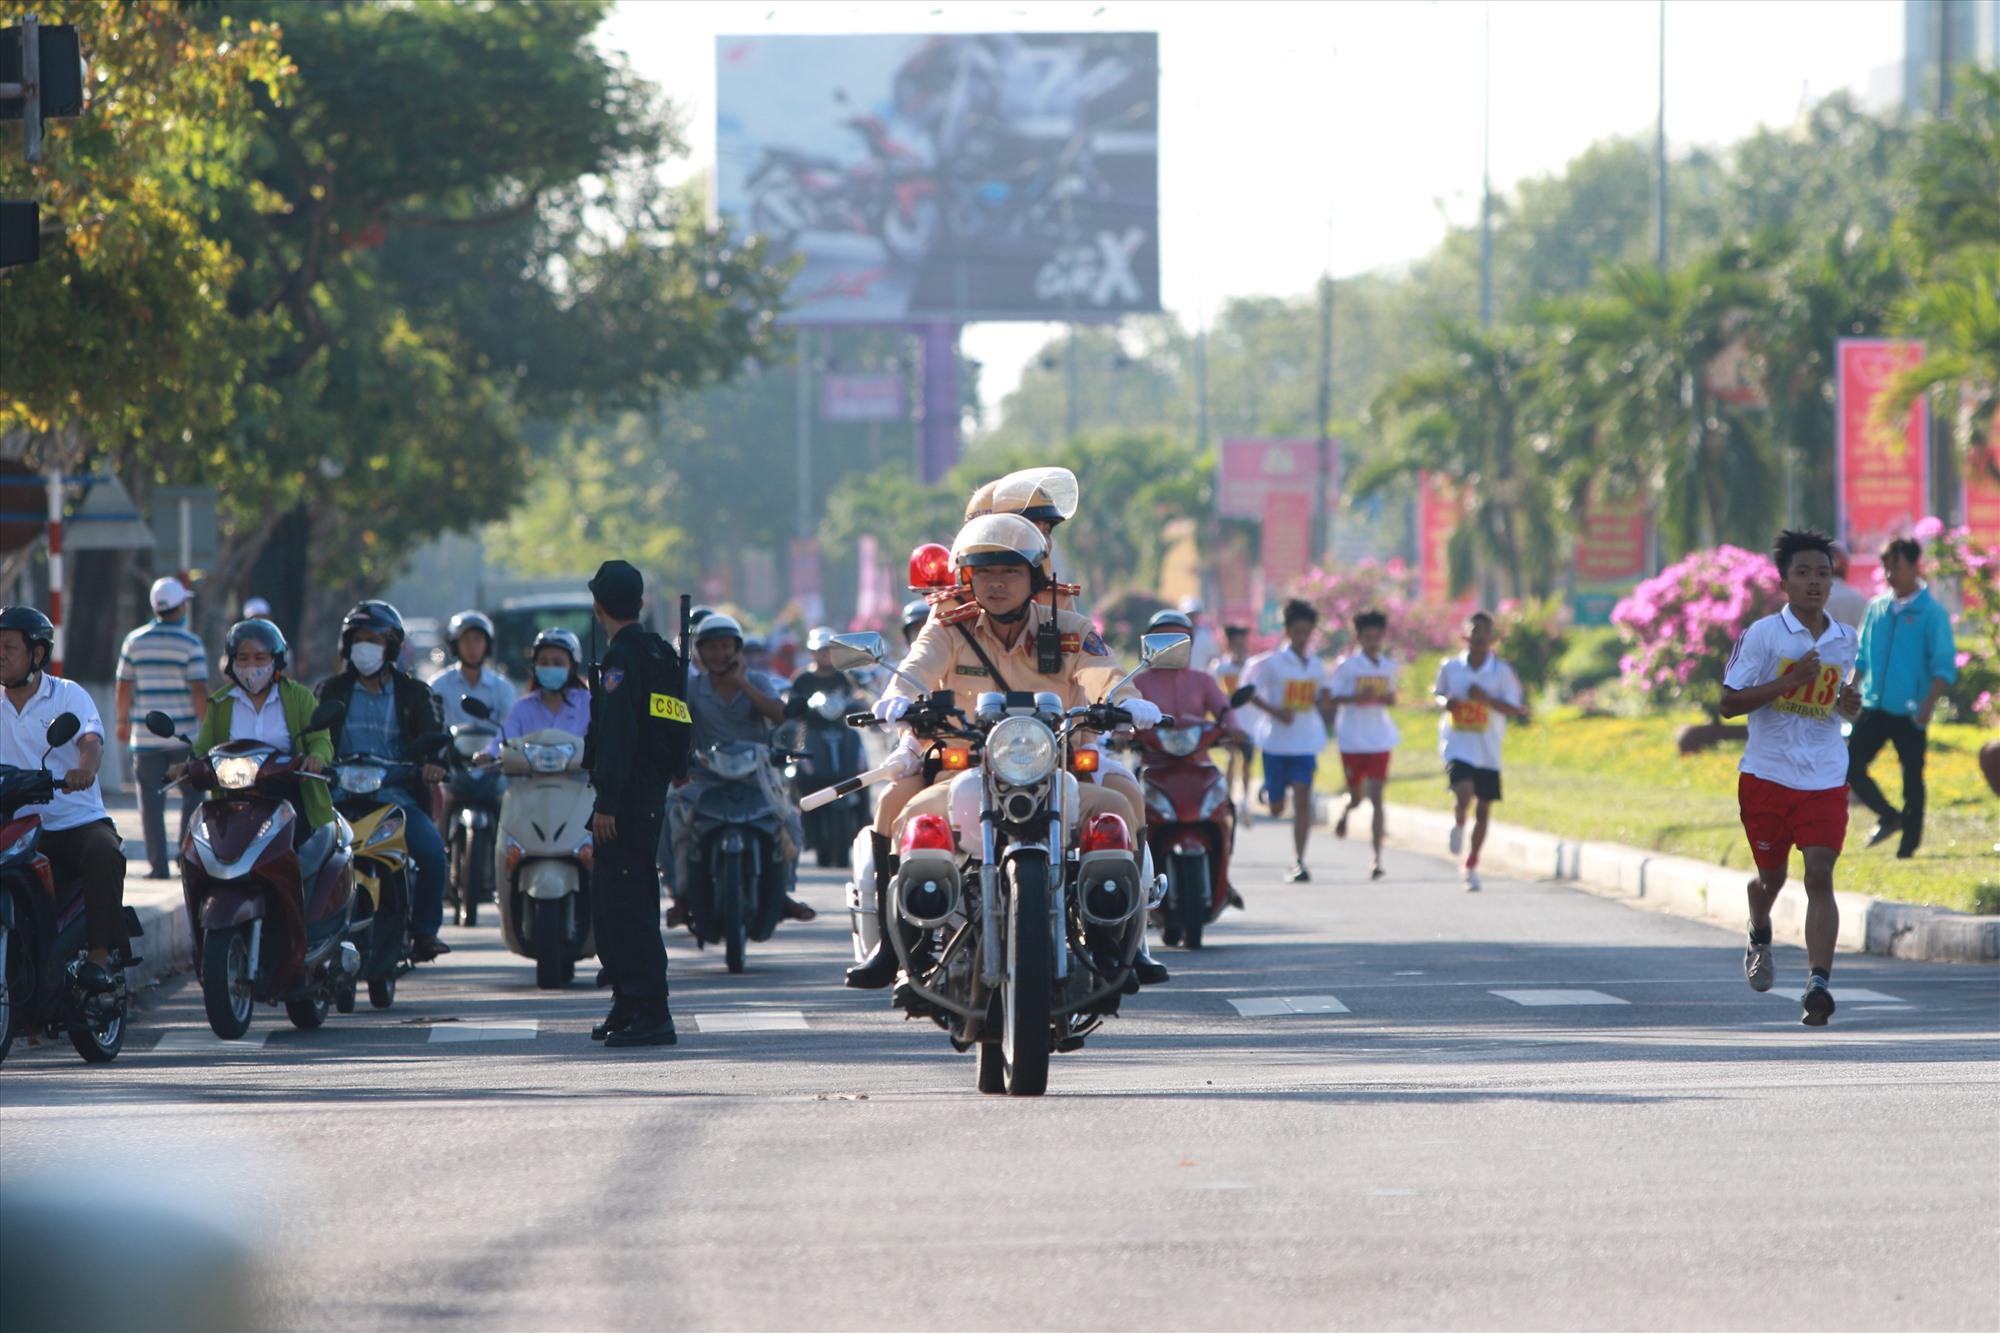 CSGT khá vất vả vì một số phương tiện vẫn cố ý đi vào đường Hùng Vương trong khi ban tổ chức đã cắt đường.